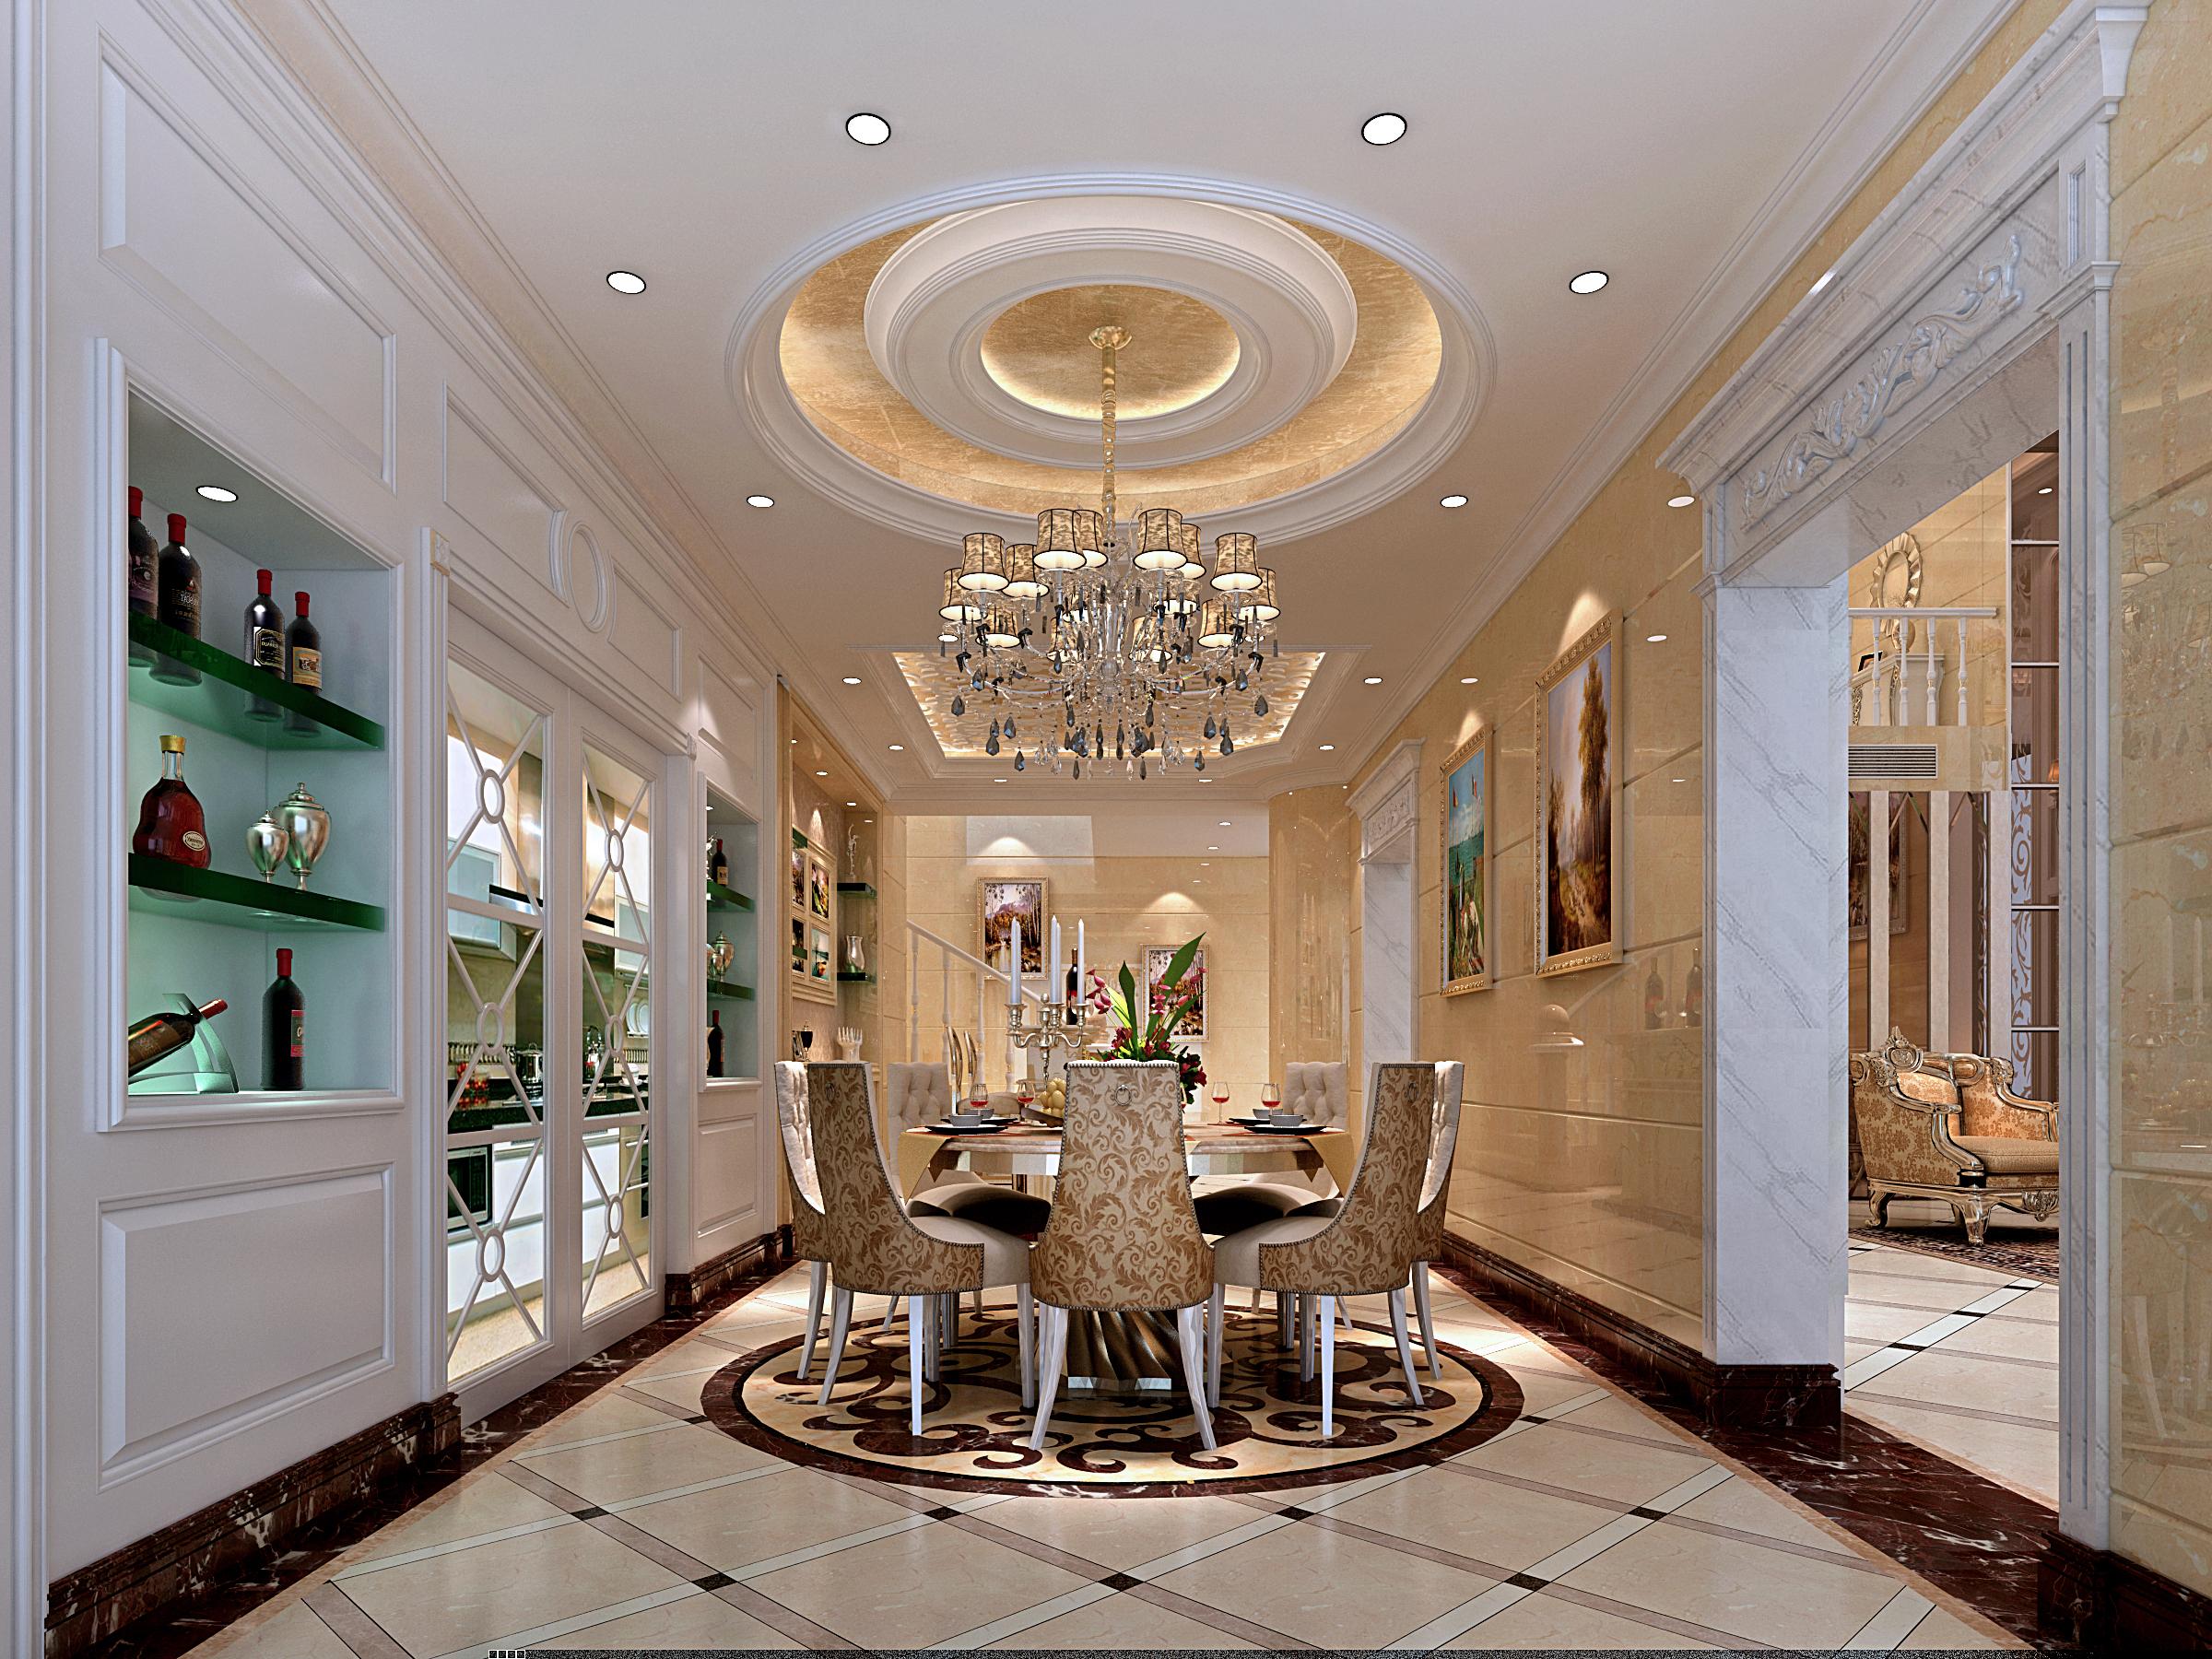 欧式 别墅 典雅 高富帅 三层别墅 餐厅图片来自名雕装饰设计在别墅旧房改造,彰显典雅品味的分享